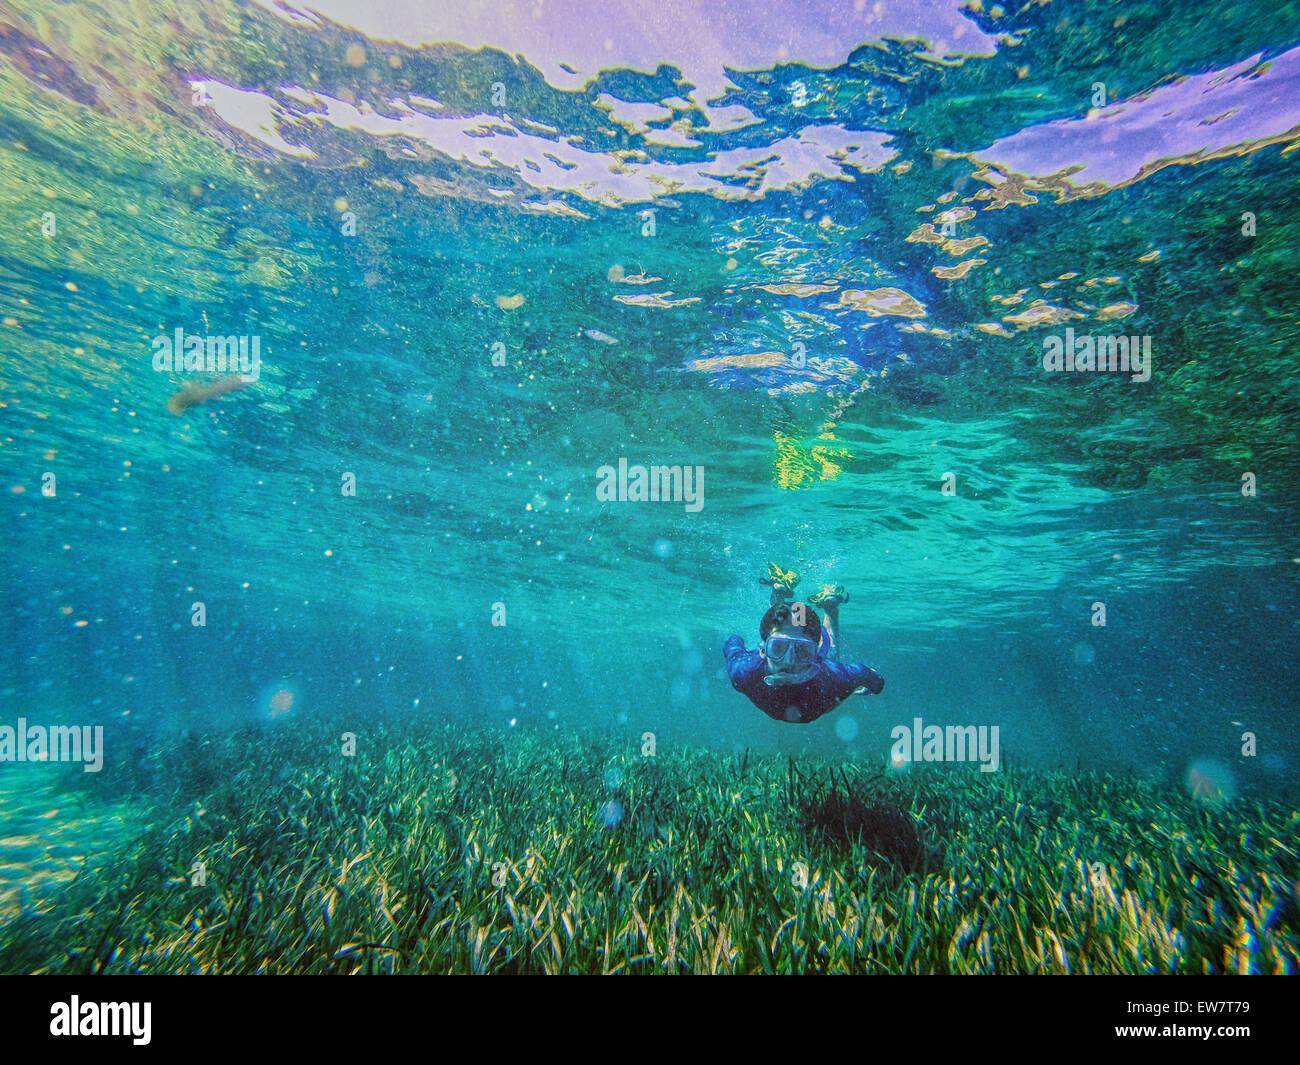 Adolescente con snorkel natación subacuática, Rottnest, Australia Imagen De Stock